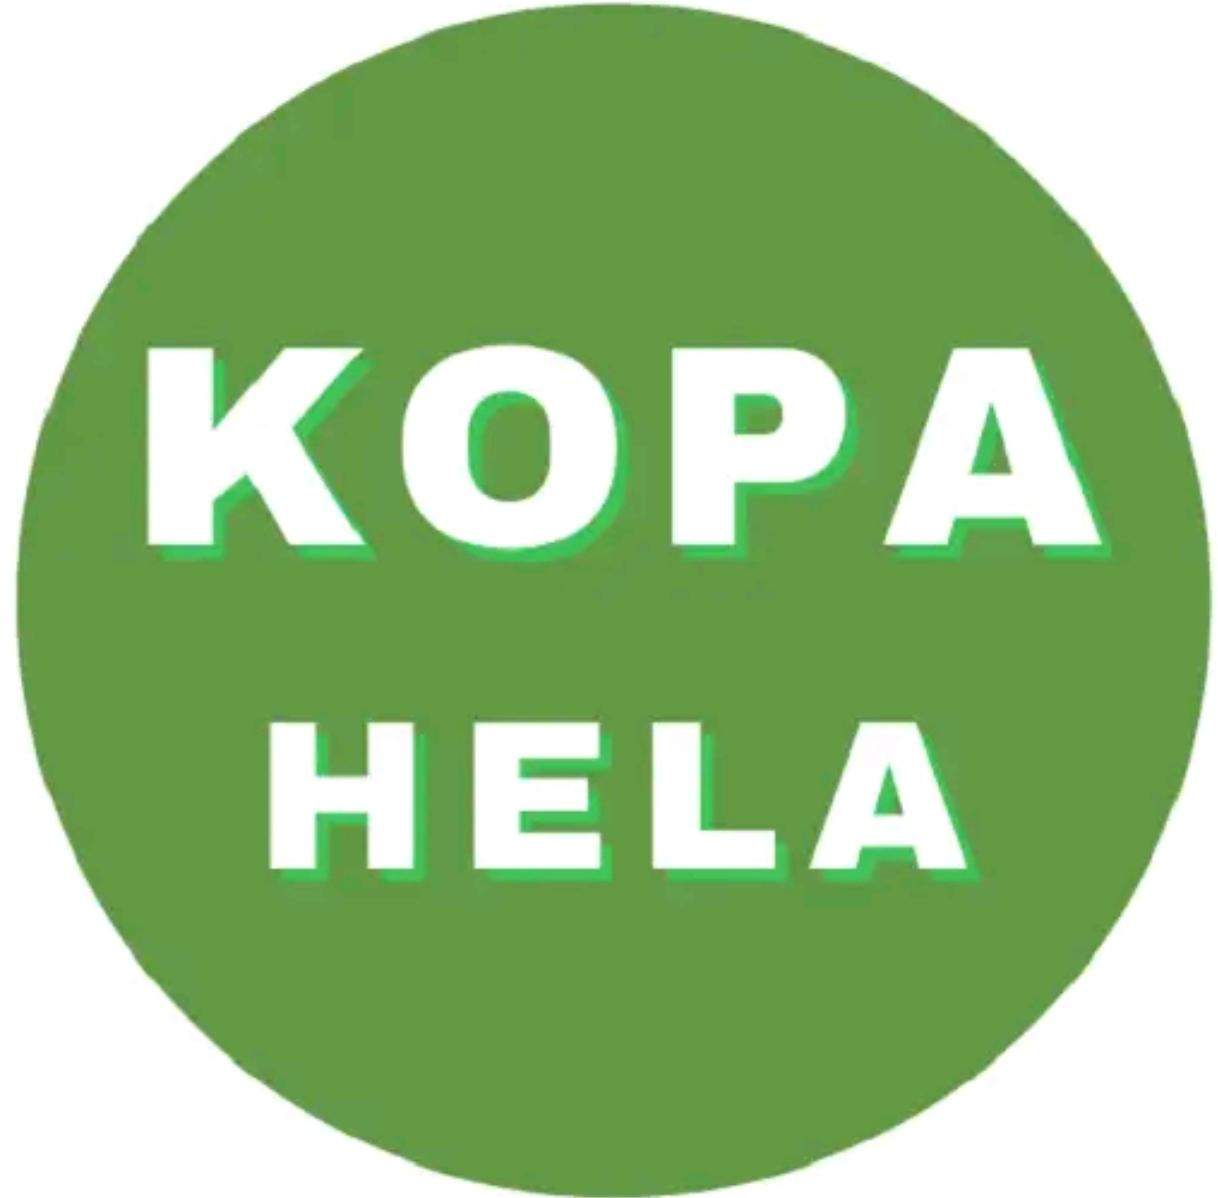 Kopa Hela loan app